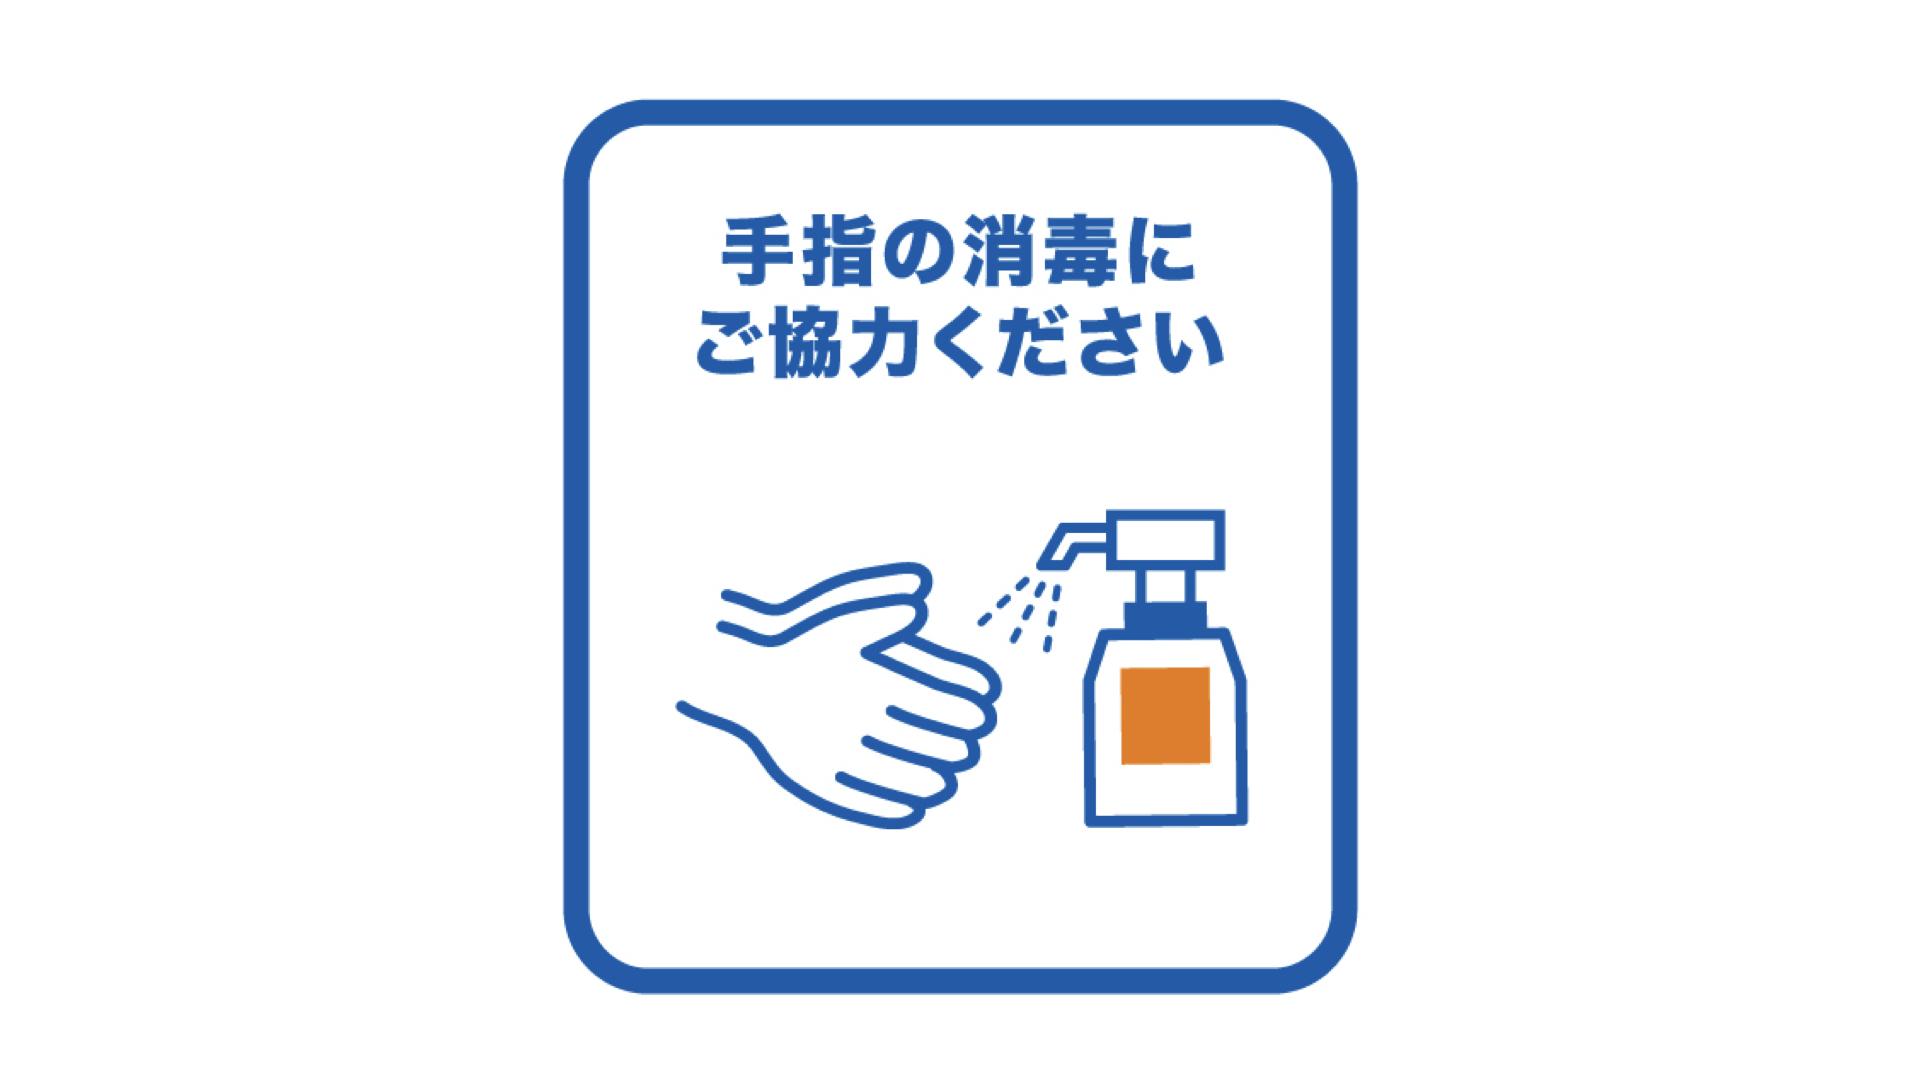 手指の消毒にご協力ください。